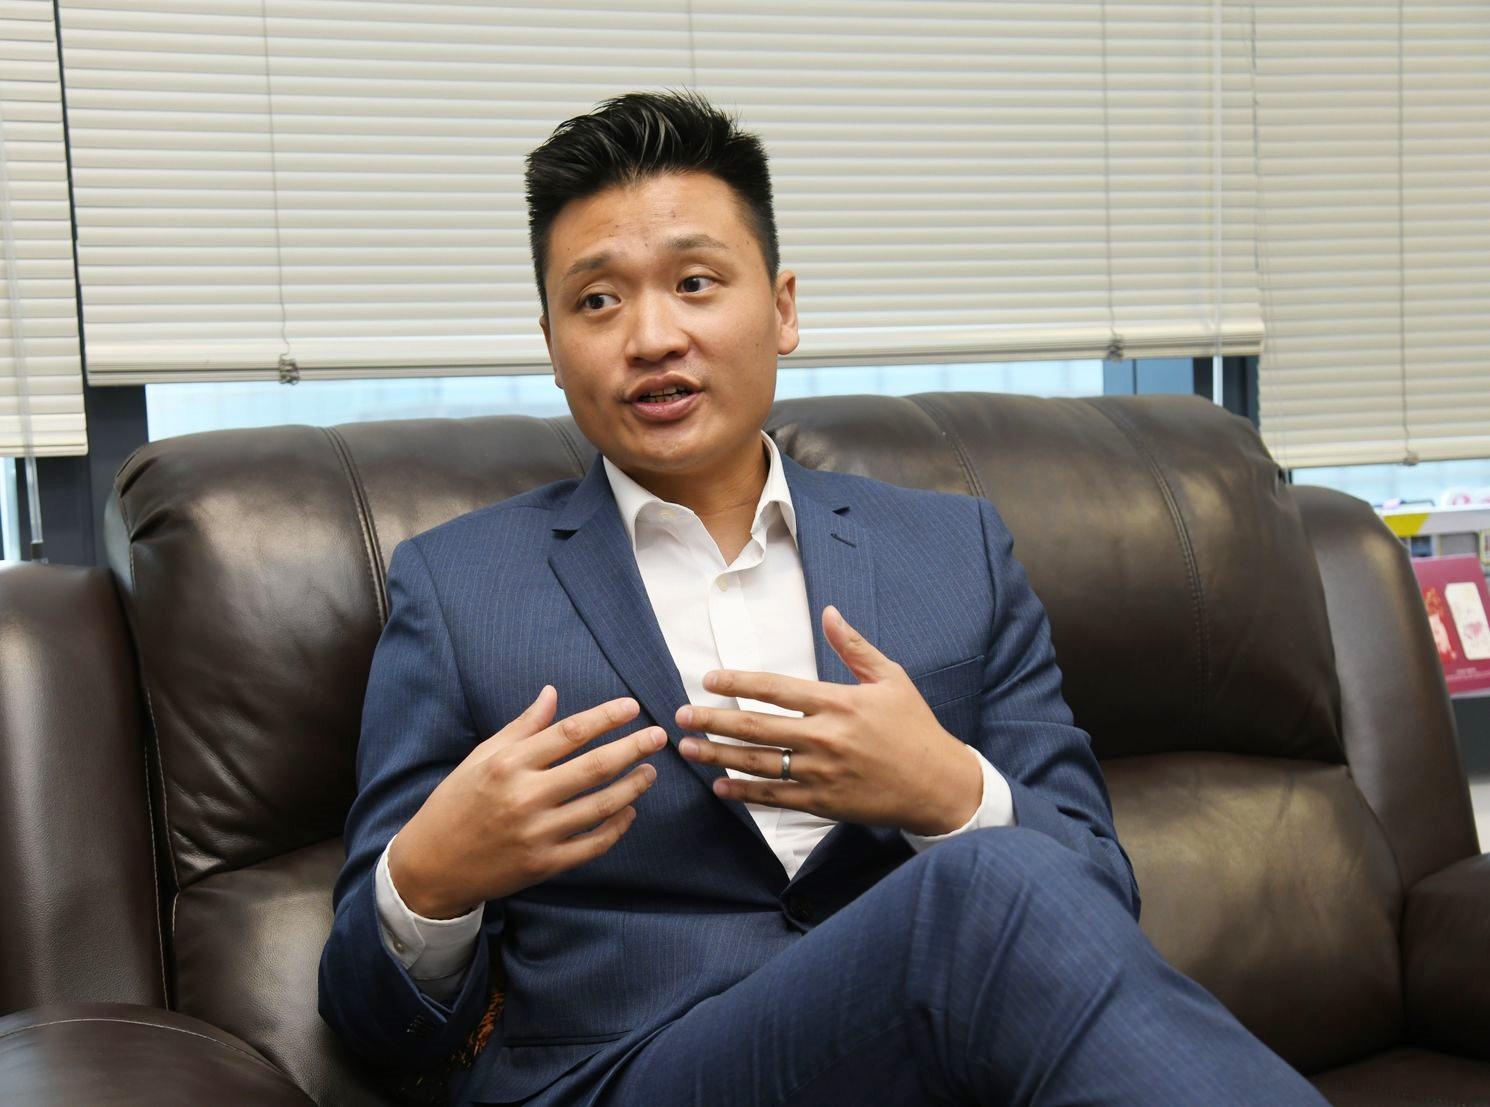 郑泳舜支持市建局再推首置上车盘 料受青年家庭欢迎